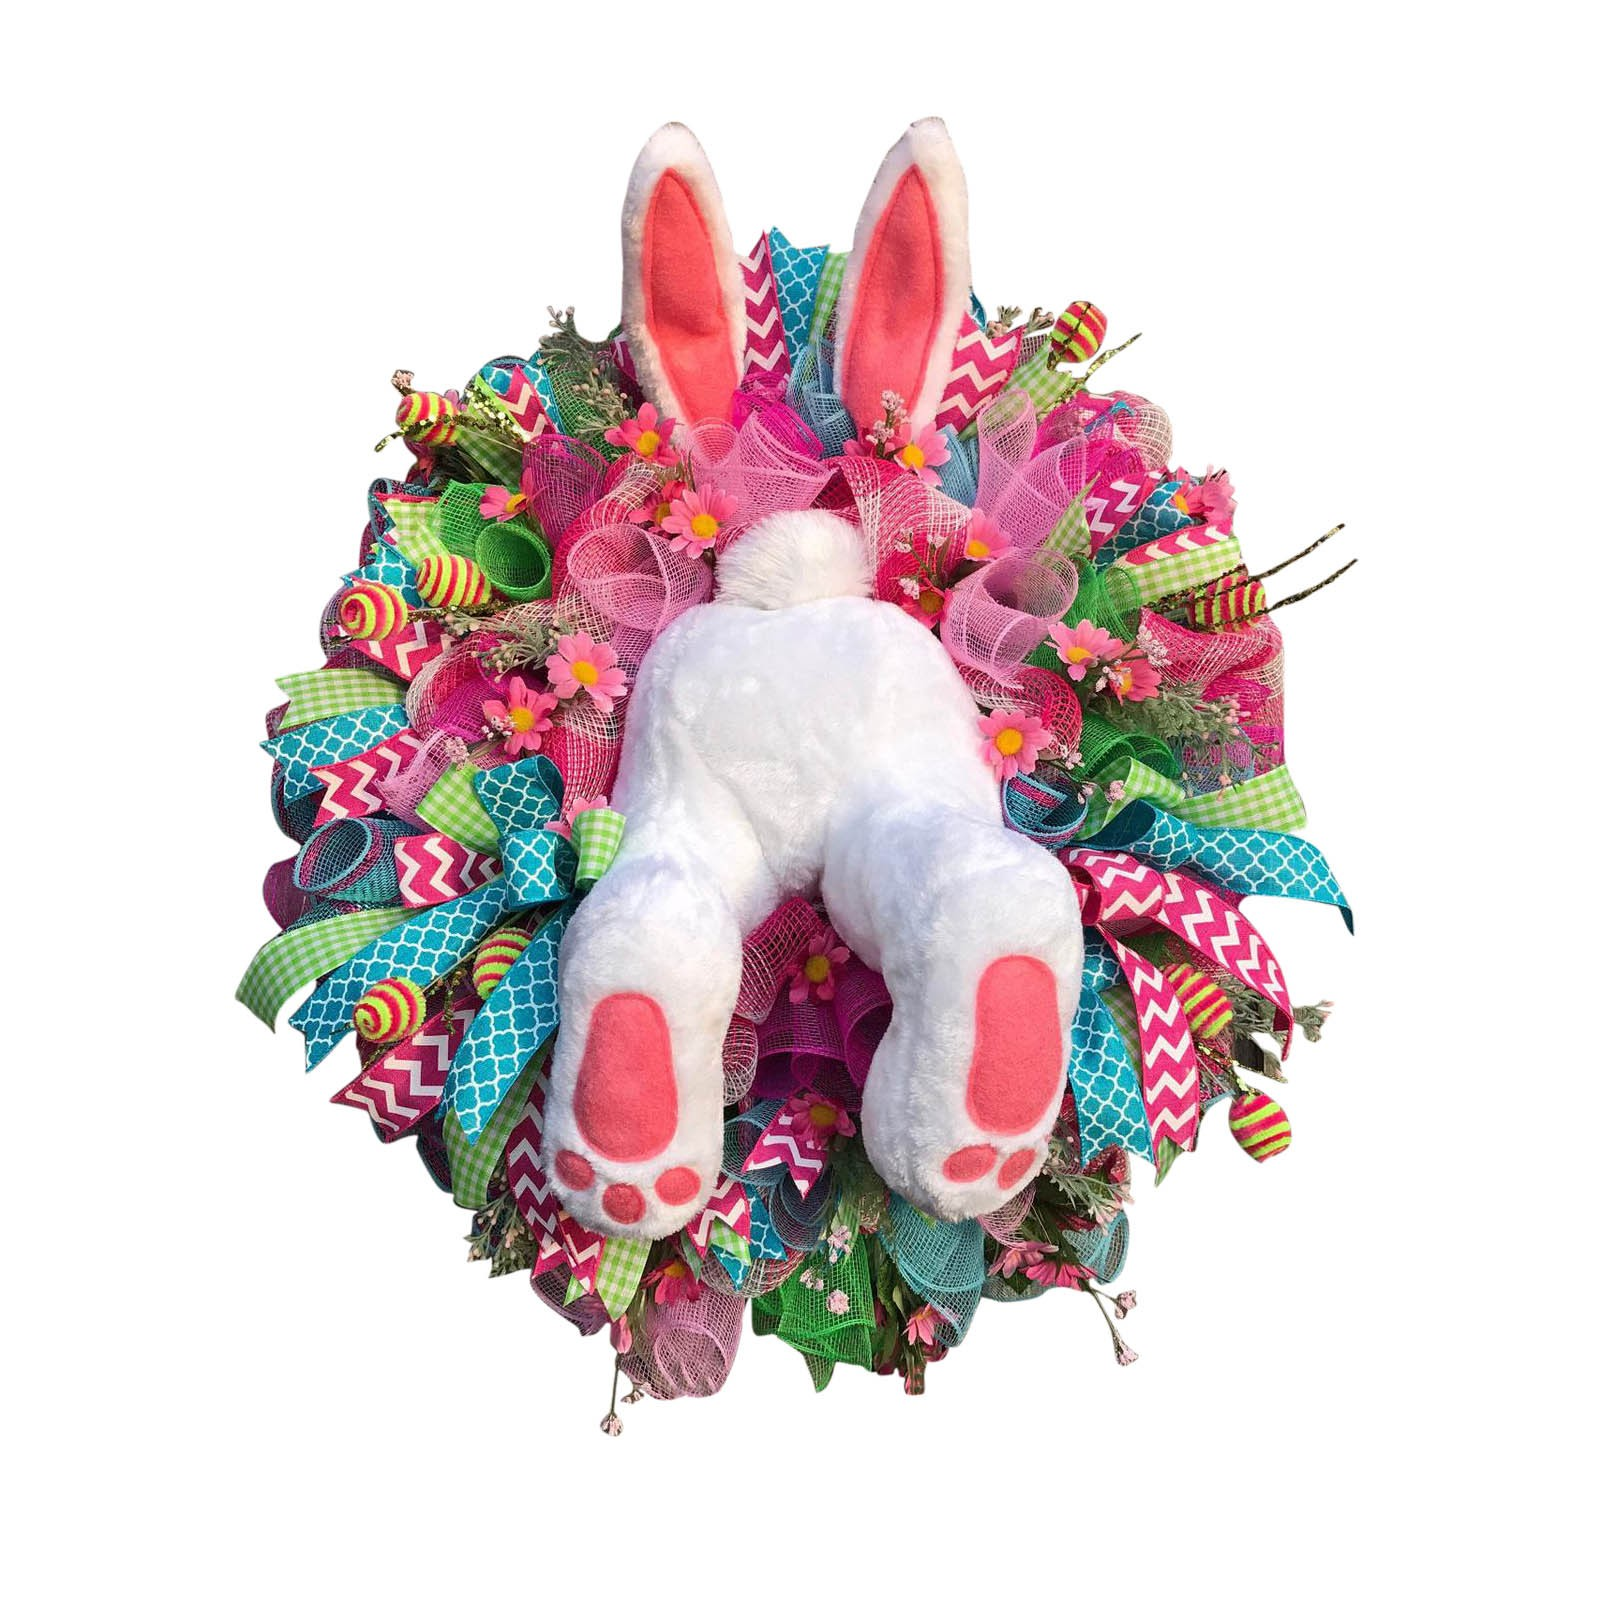 Венок забавный кролик мультфильм животных украшения DIY Украшение Пасхальный кролик для окна, двери DIY подвесная гирлянда праздничного деко...